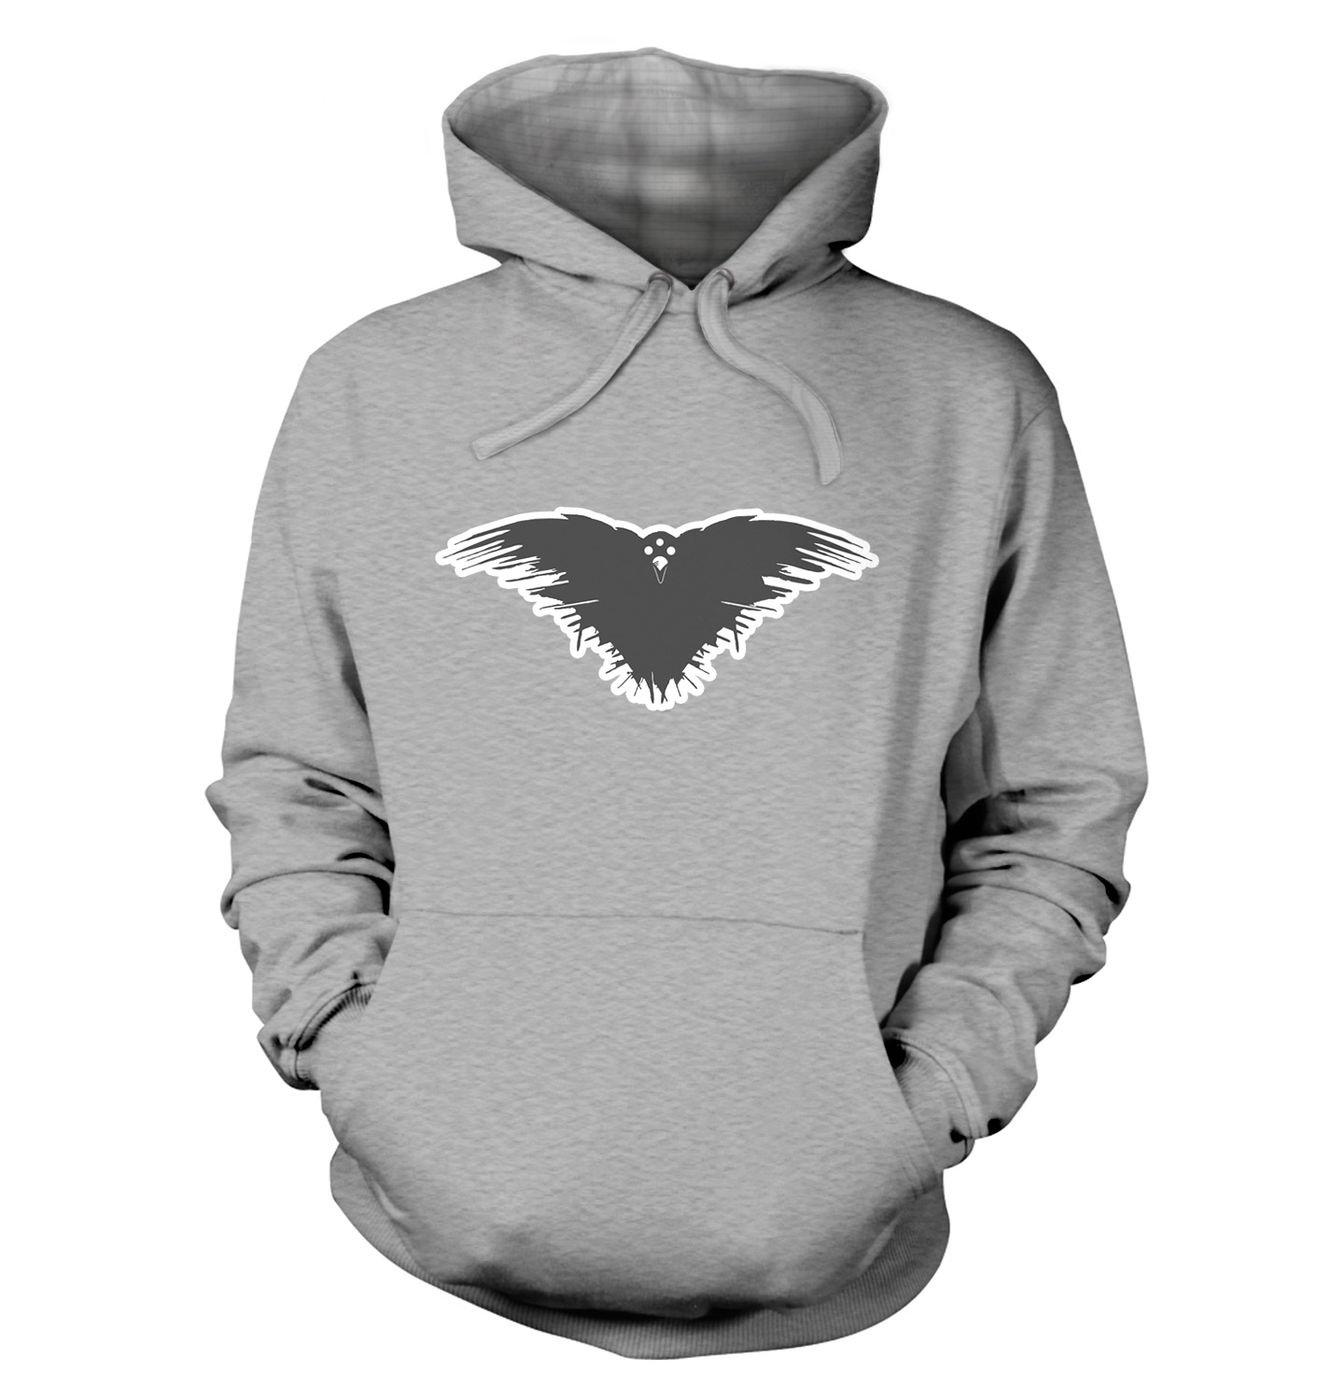 Three Eyed Crow premium hoodie by Something Geeky